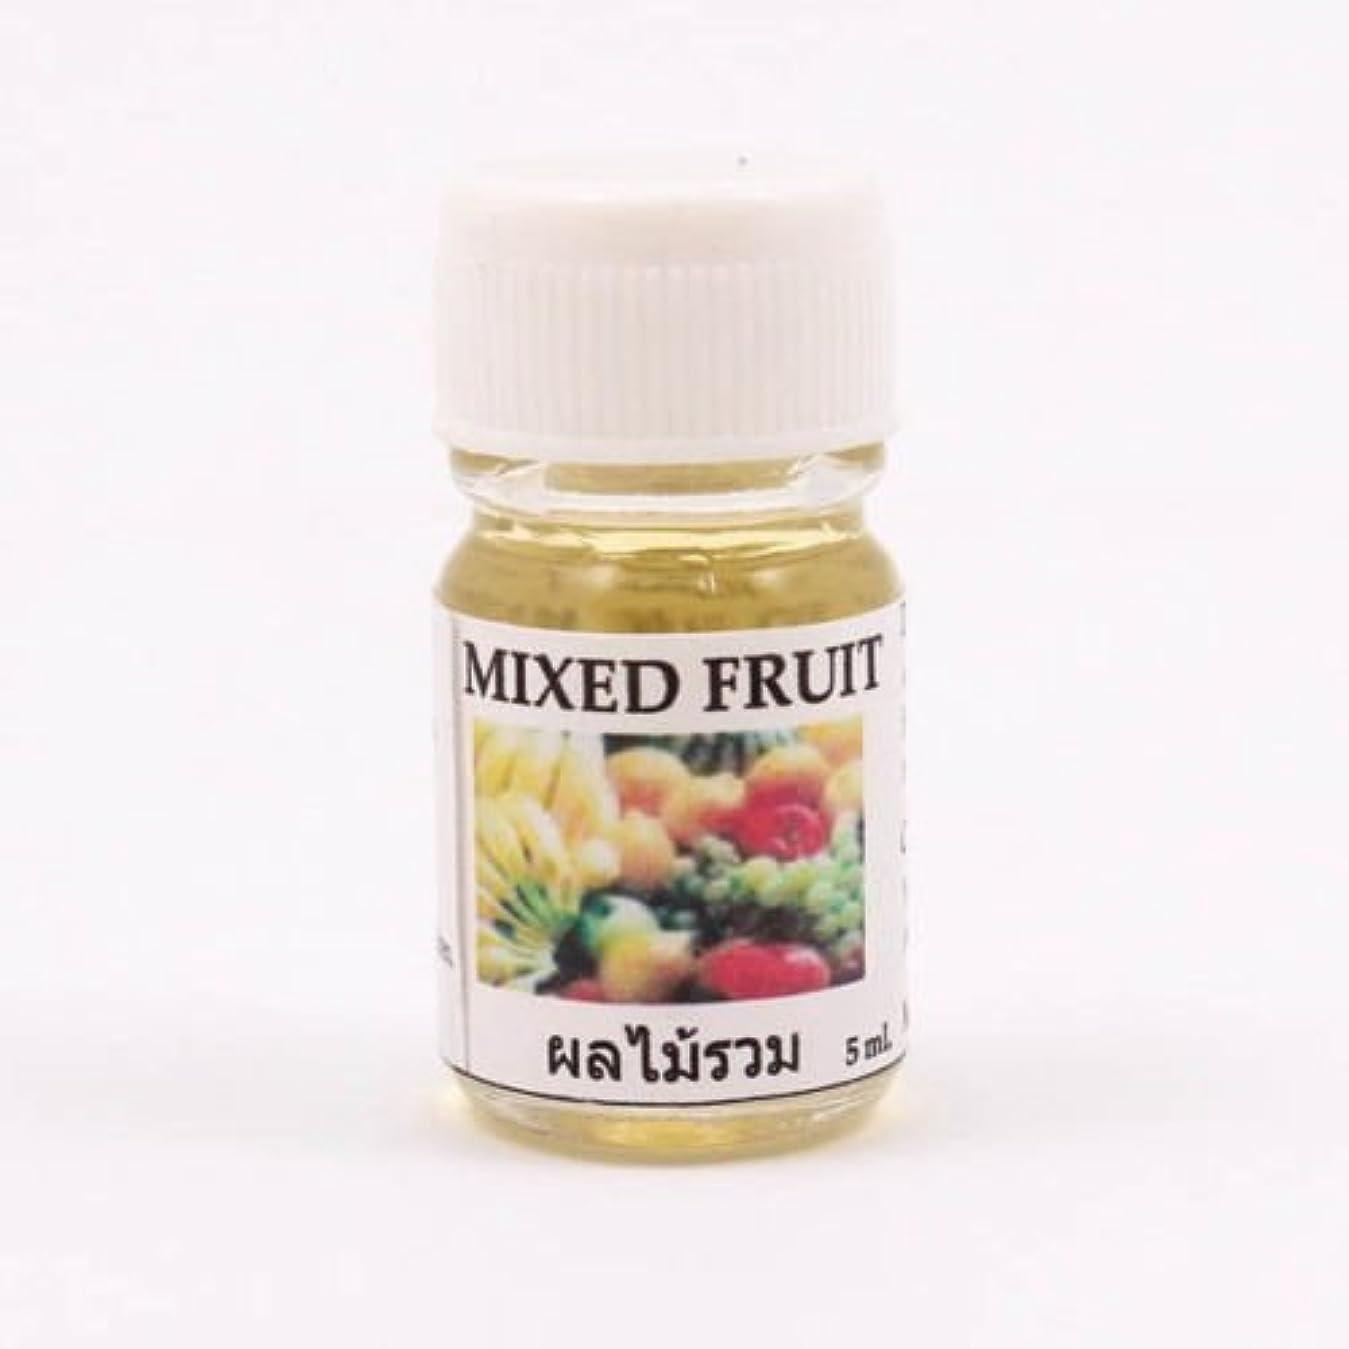 の頭の上雄弁家変換6X Mixed Fruit Aroma Fragrance Essential Oil 5ML Diffuser Burner Therapy